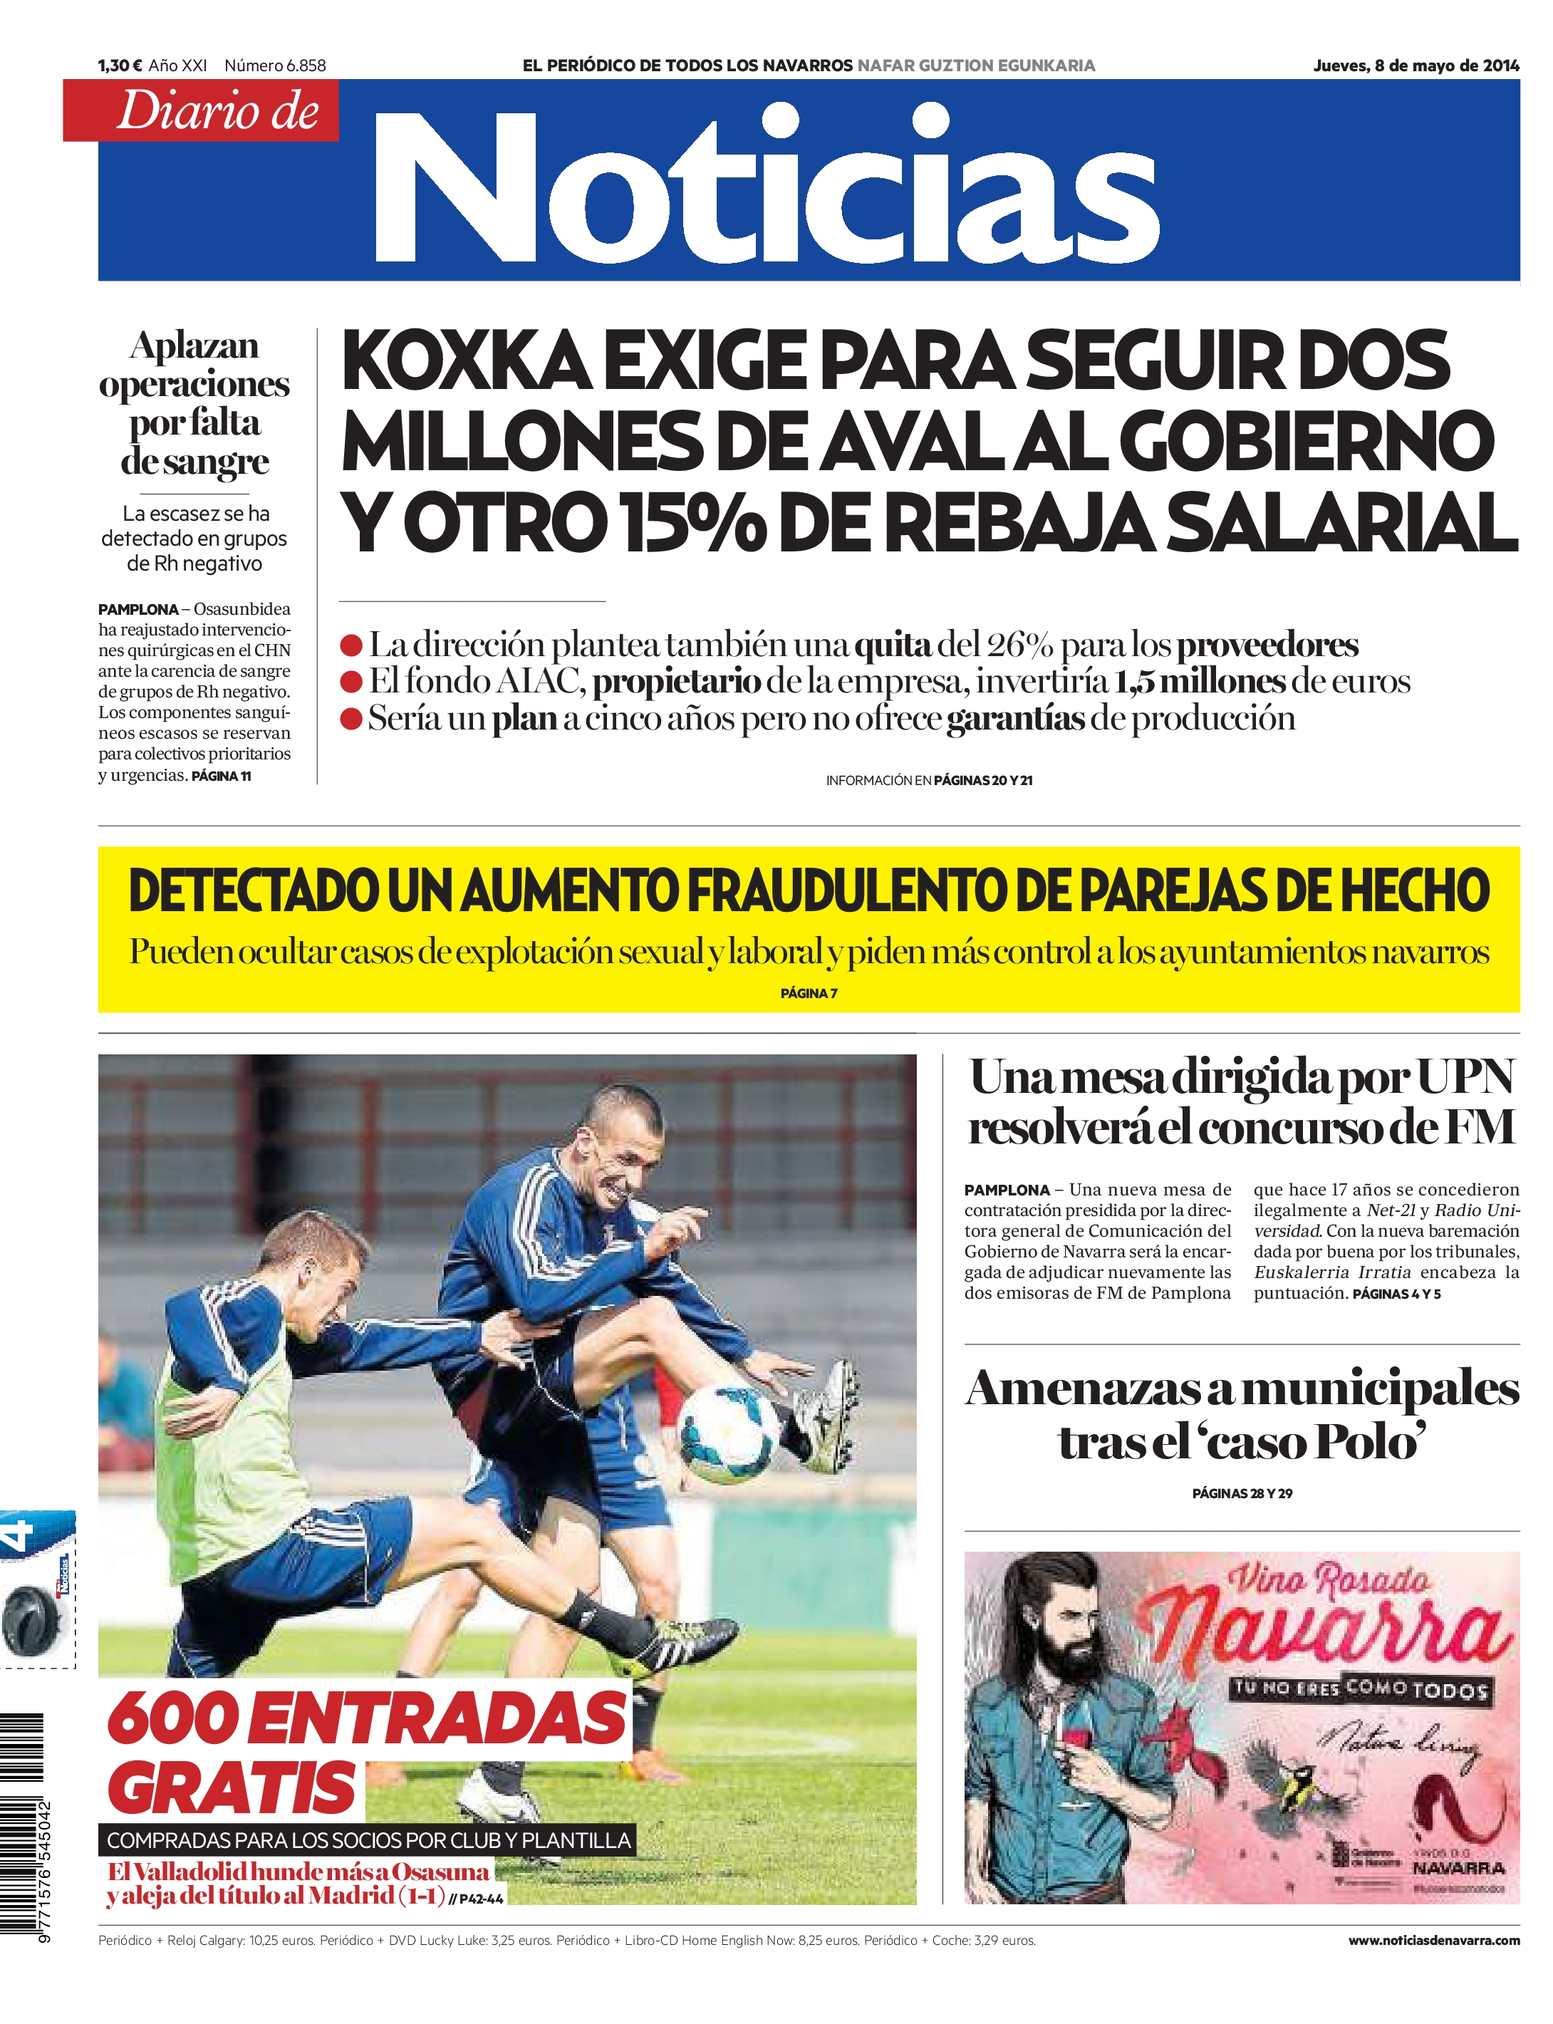 Calaméo - Diario de Noticias 20140508 eff0bdf33fe84